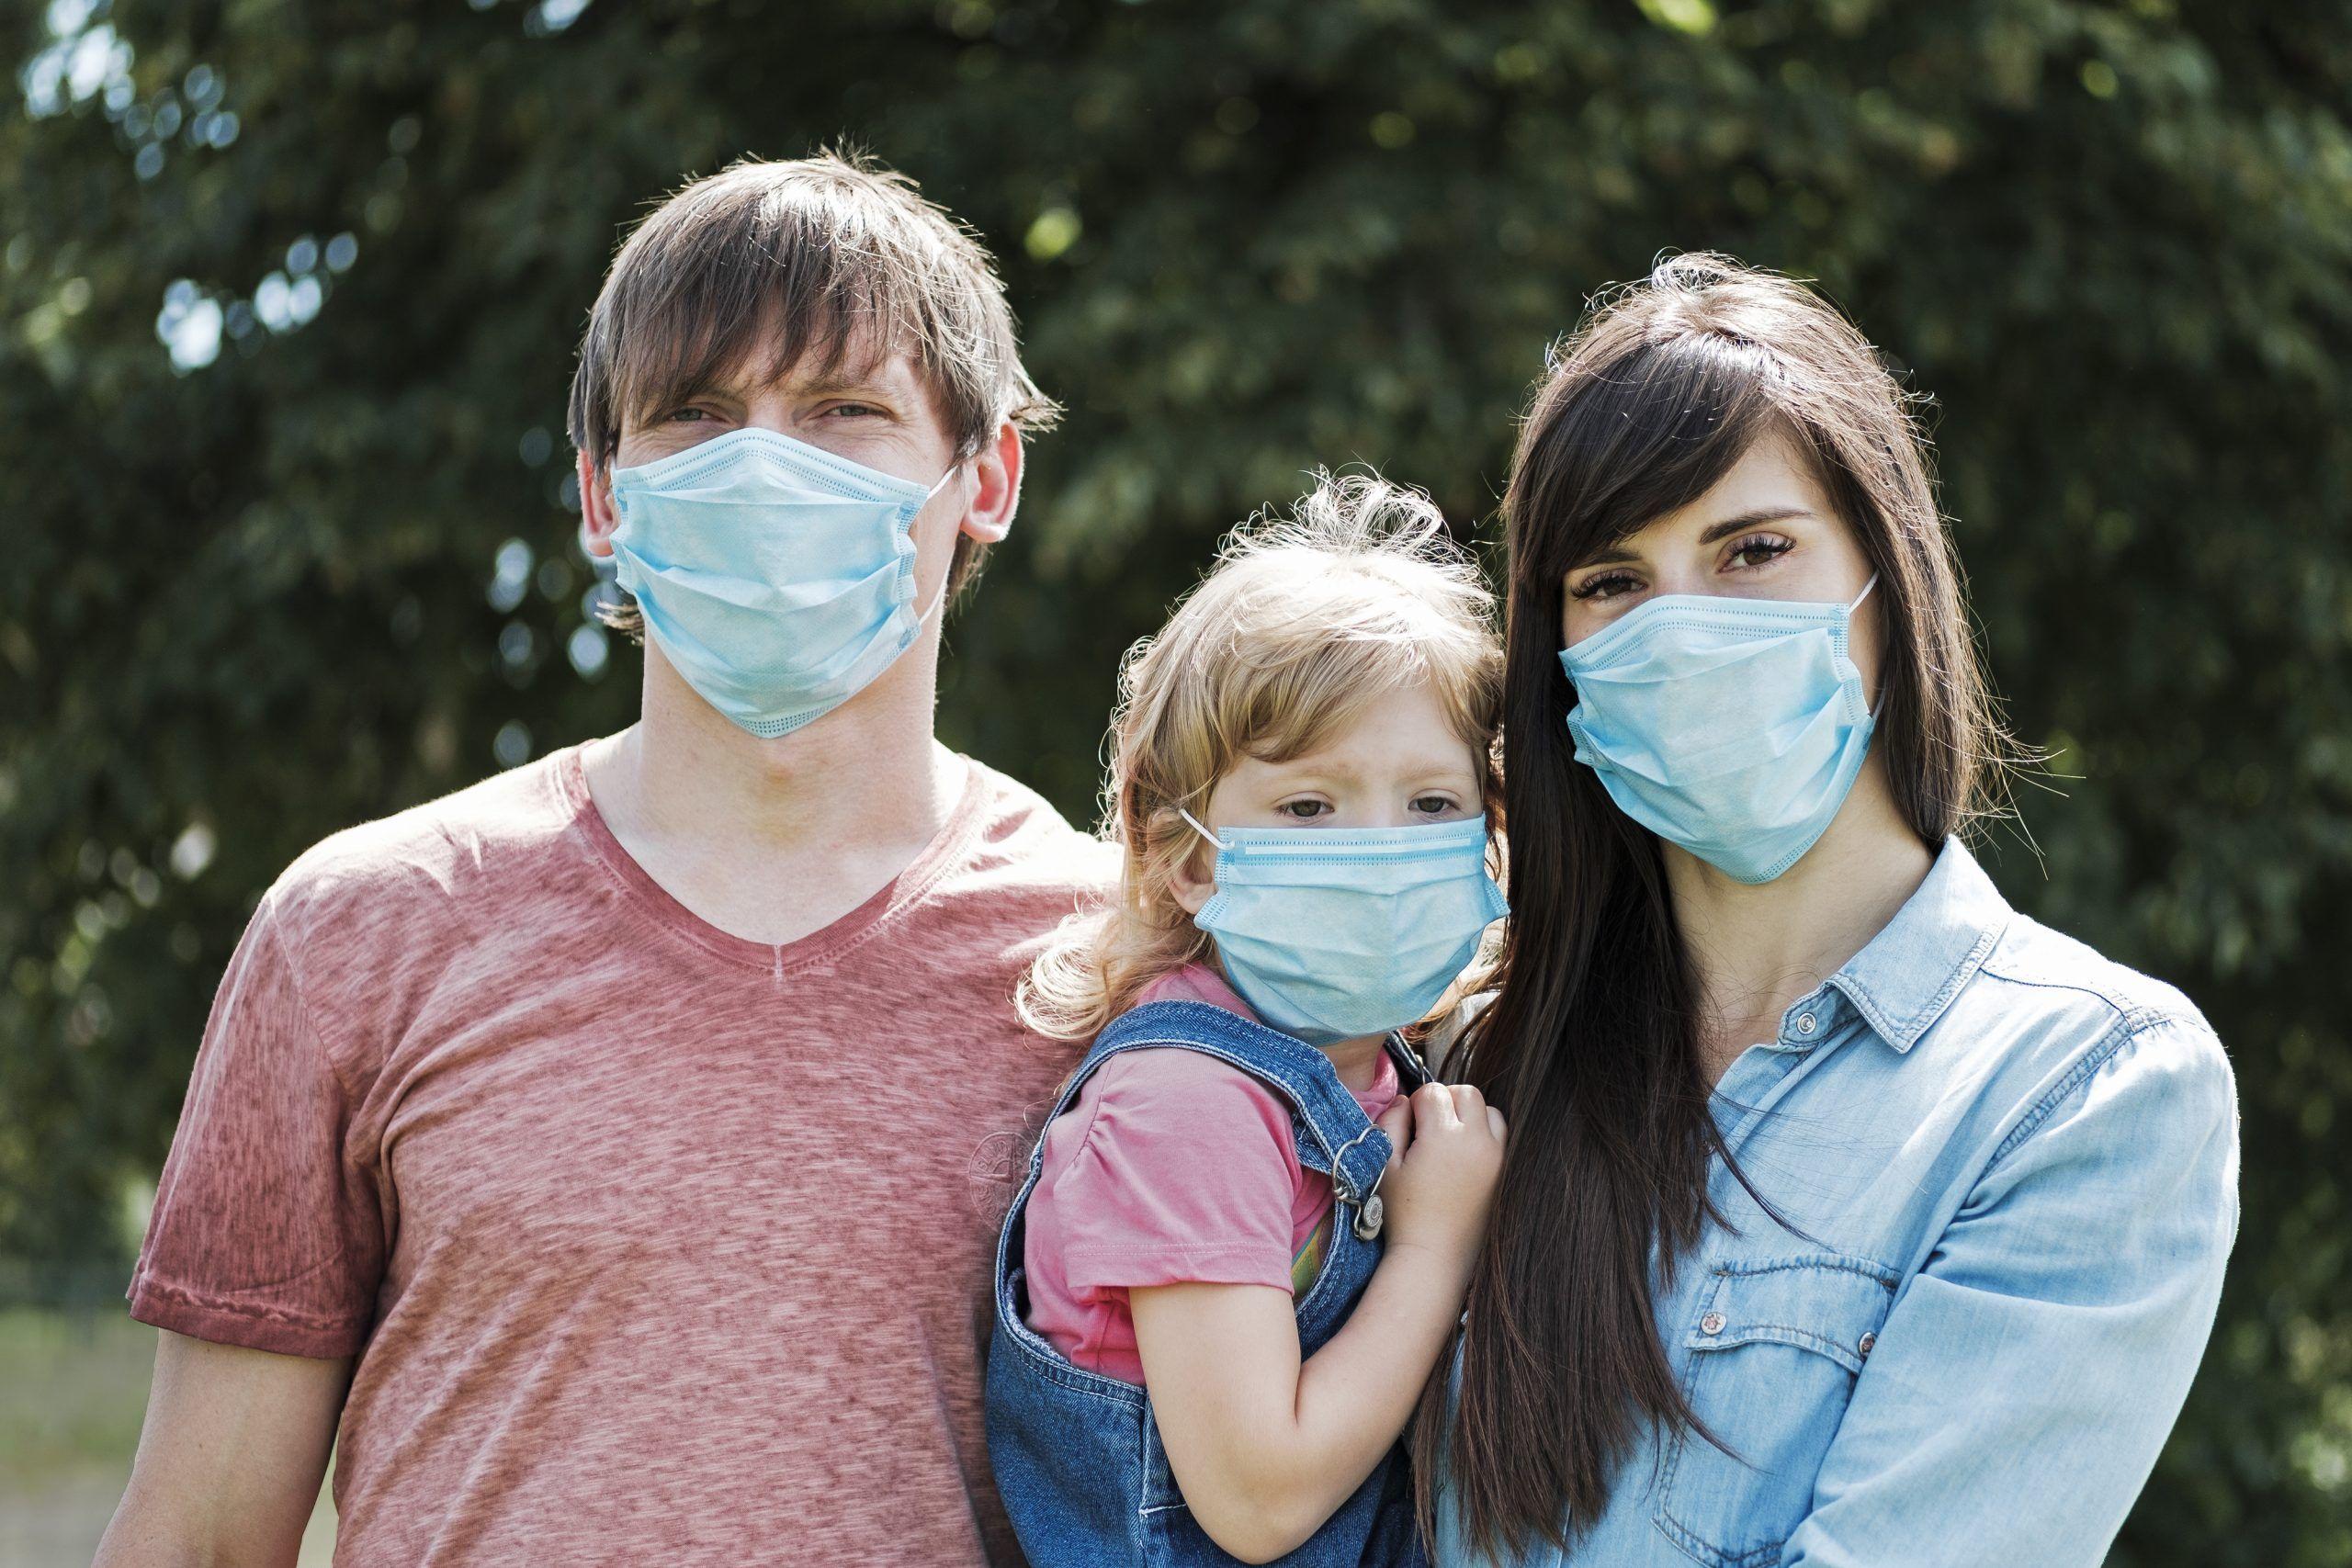 El 96% de los vecinos de Alcorcón a favor del uso obligatorio de la mascarilla